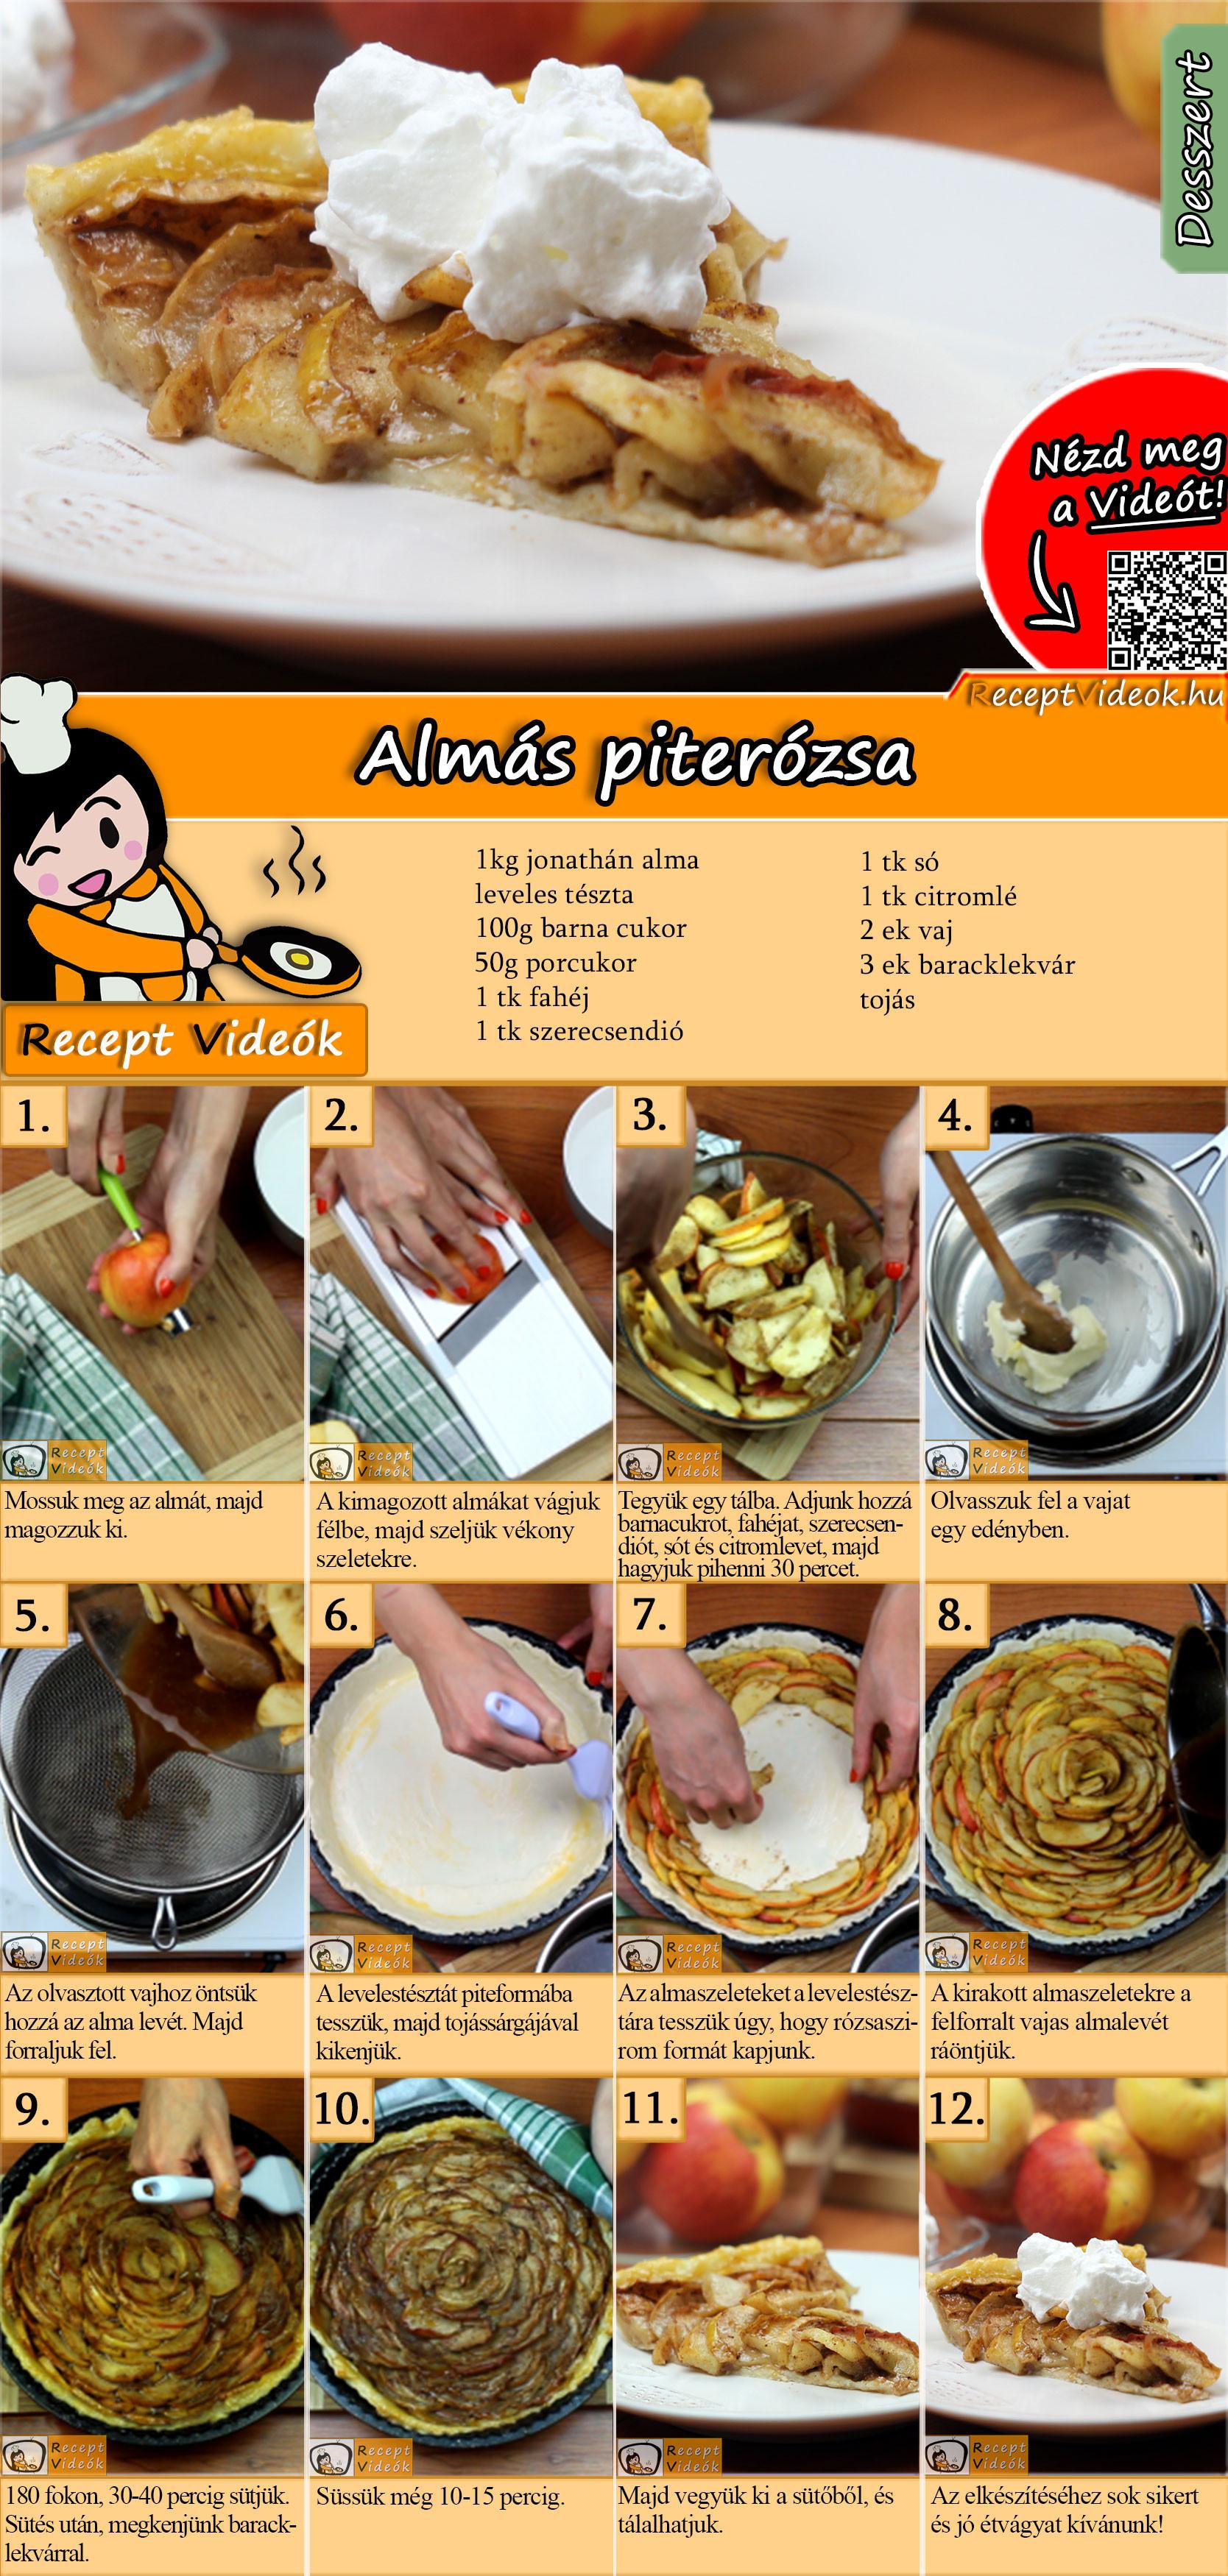 Almás piterózsa recept elkészítése videóval